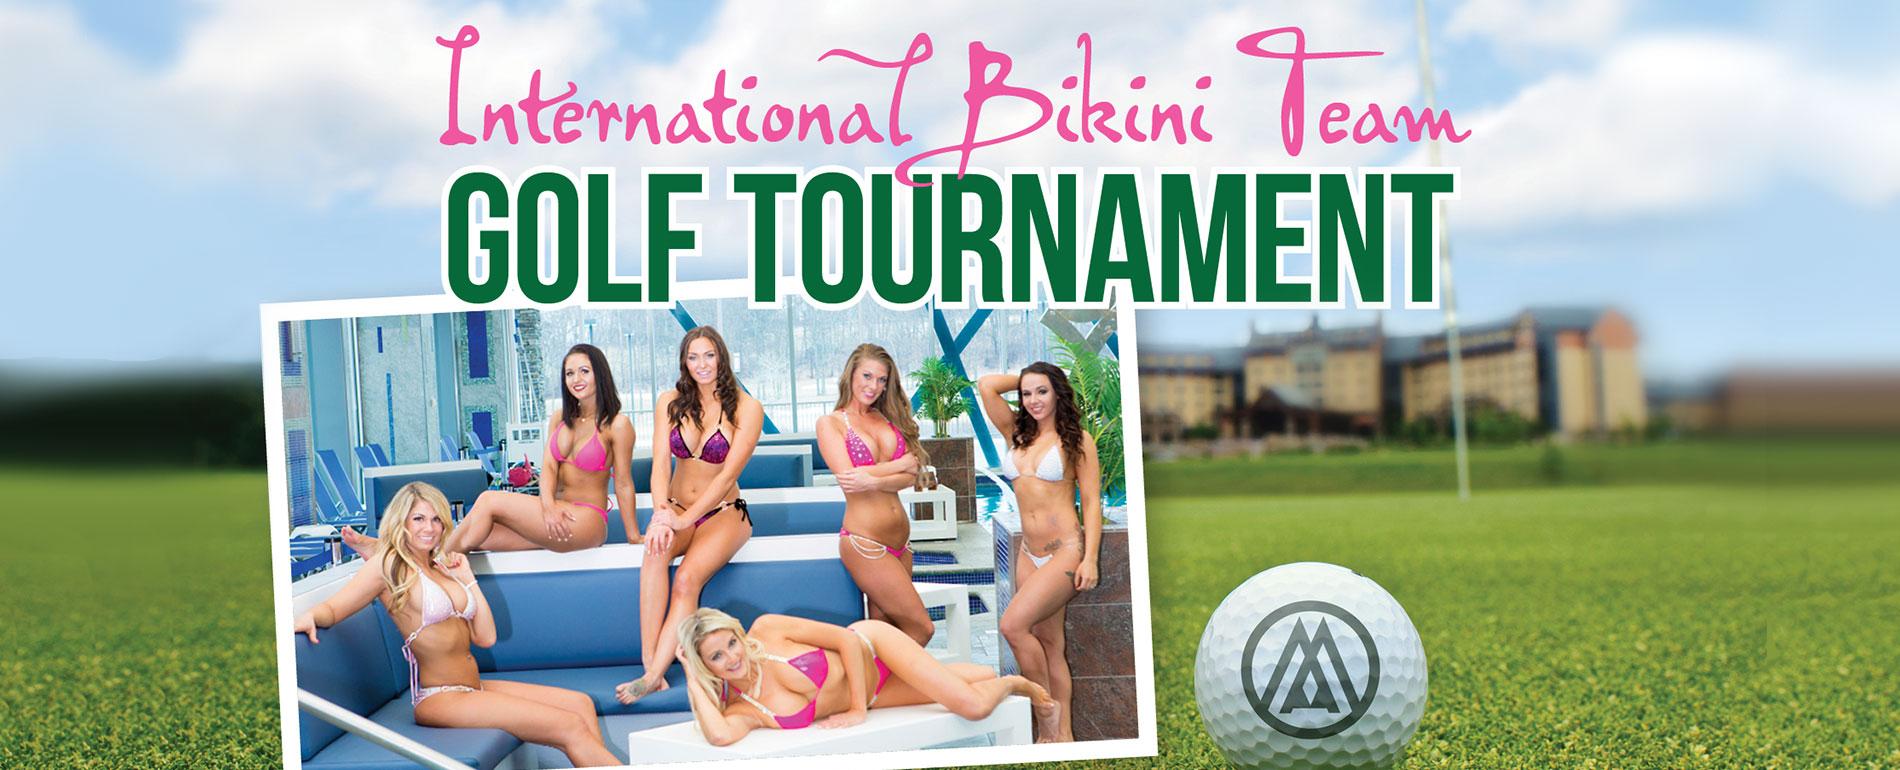 Poconos IBT Golf tournament